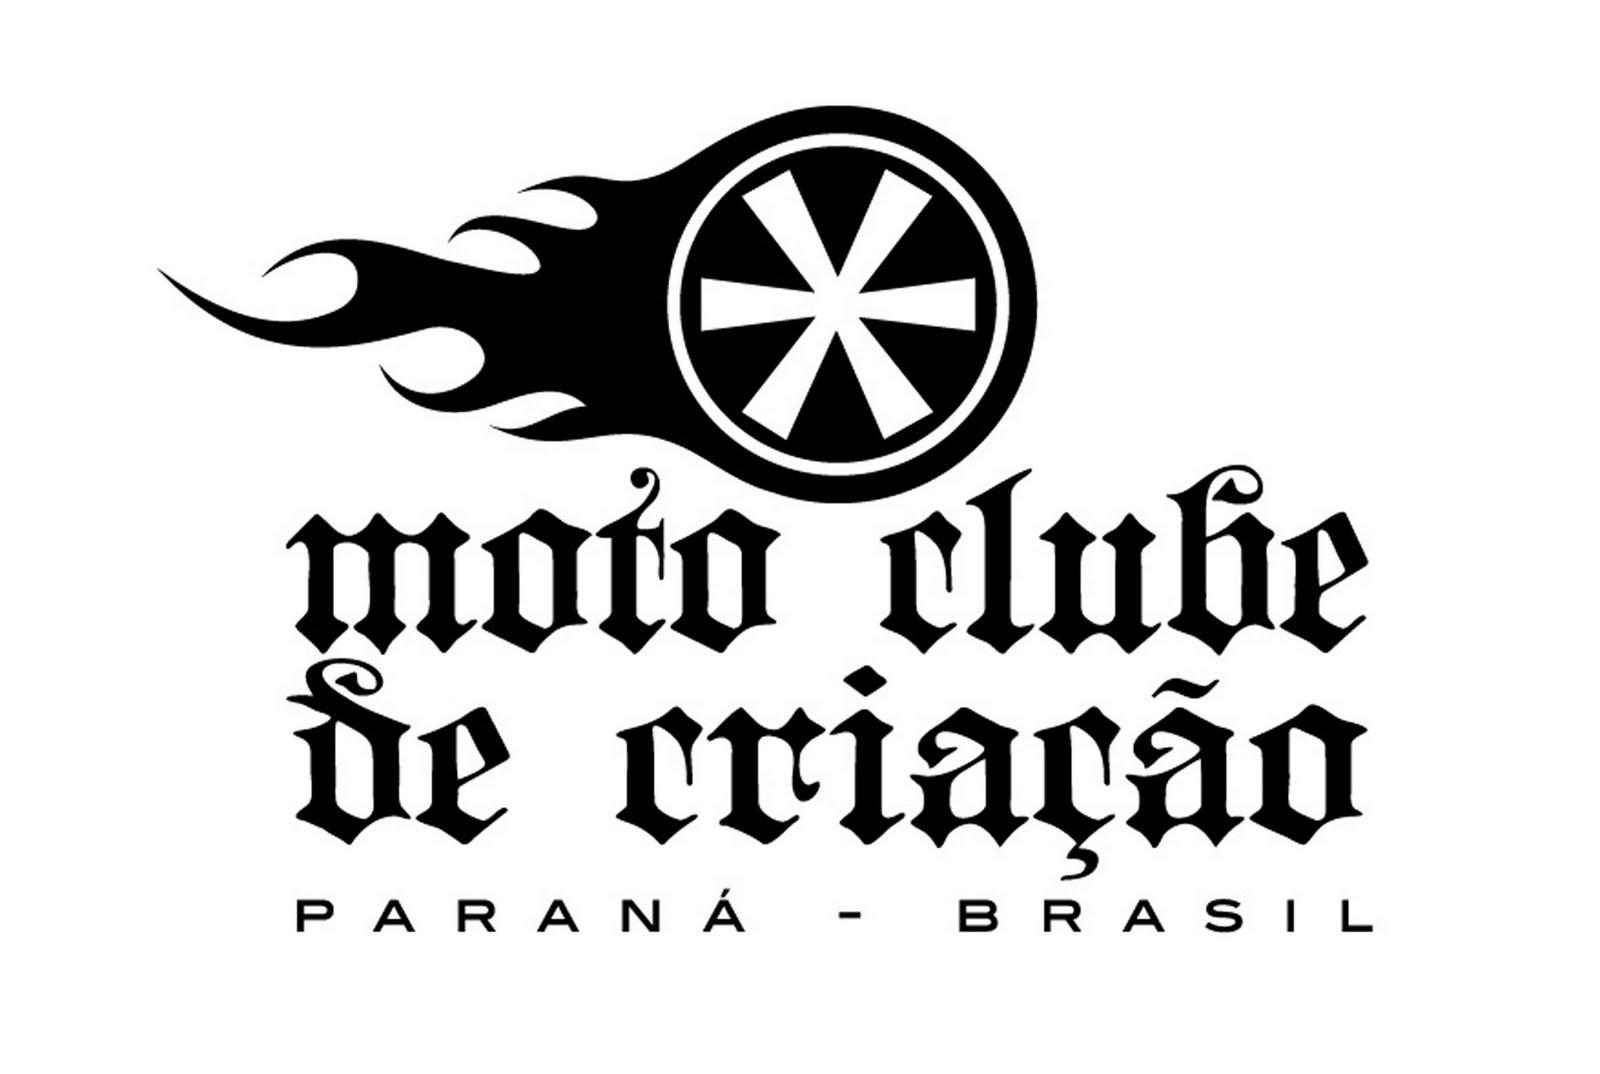 [=?iso-8859-1?Q?Logo_oficial_-_Moto_Clube_de_Cria=E7=E3o-795616.jpg?=]